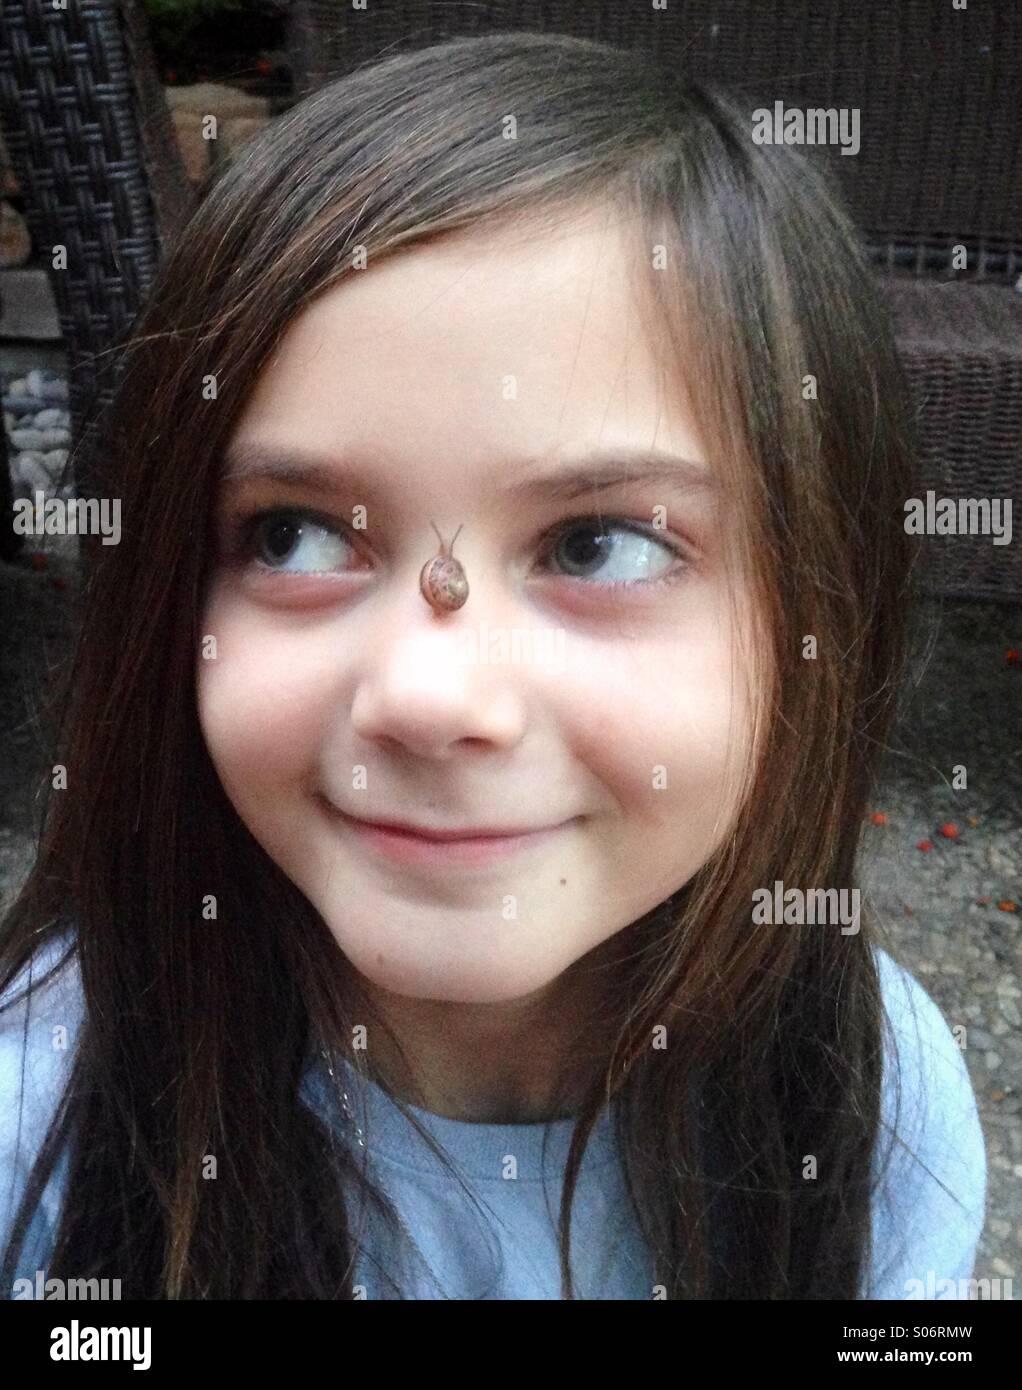 Una giovane ragazza adorabile sorrisi con una piccola lumaca sul naso. Foto Stock